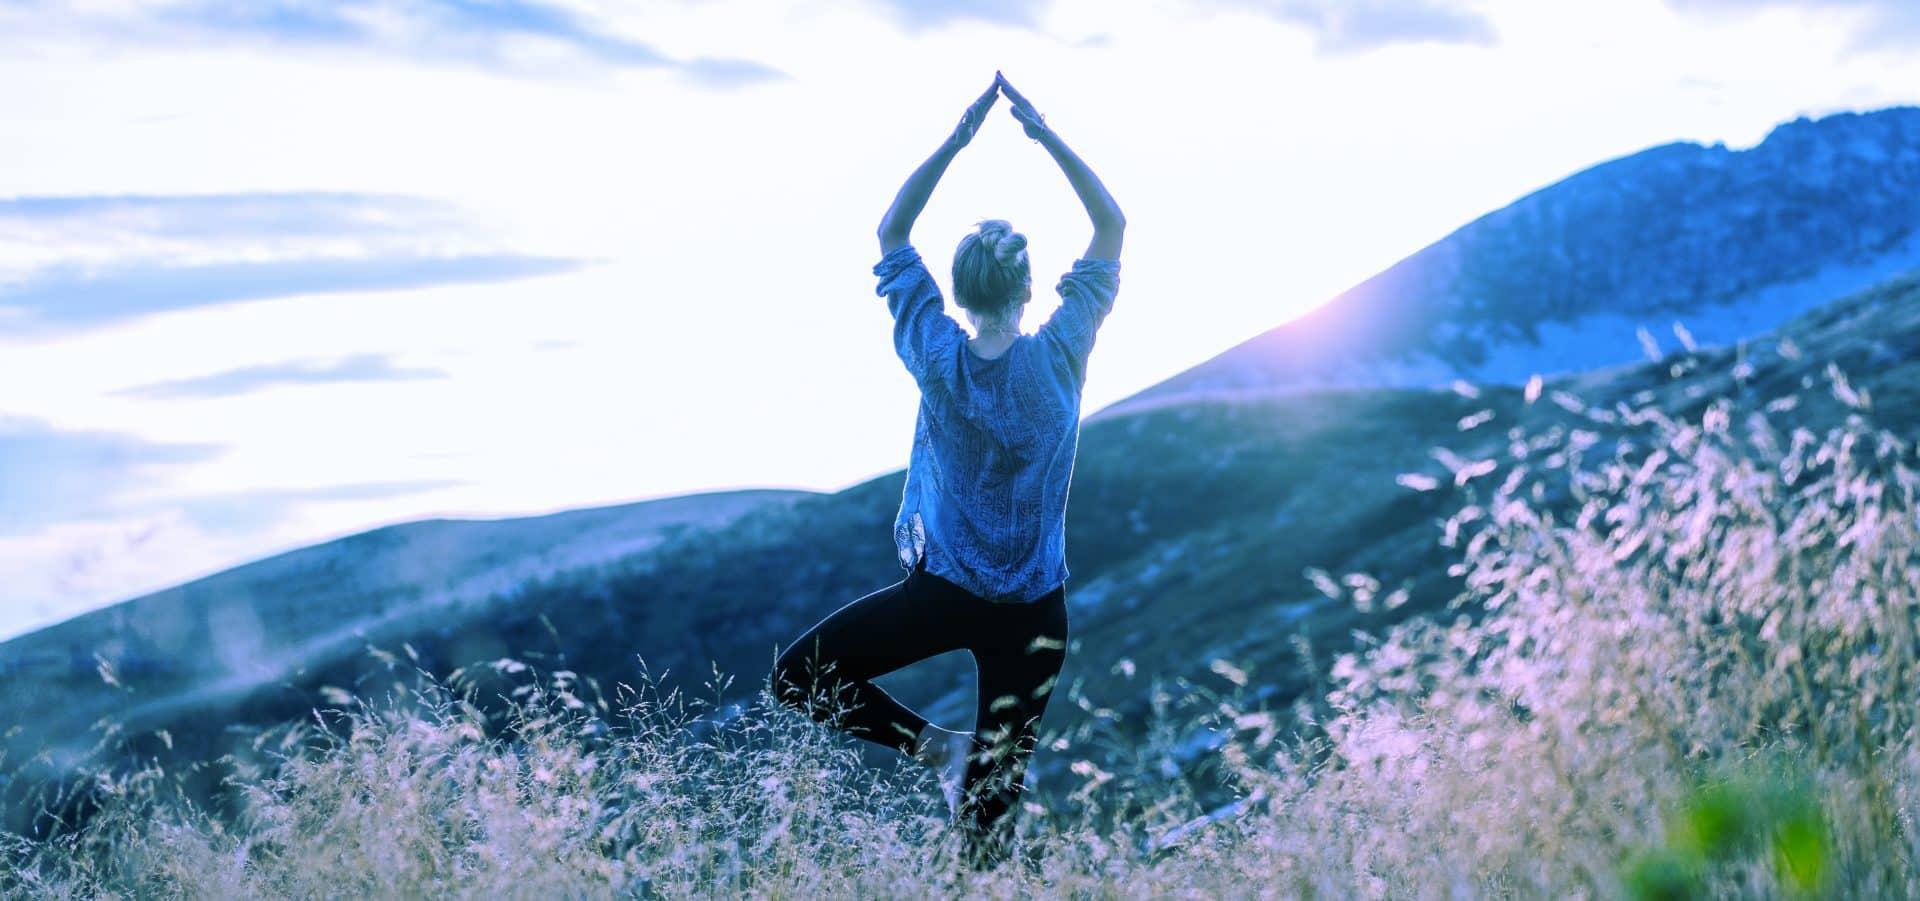 Changez de métier et préservez votre santé à long terme grâce au bilan de compétences